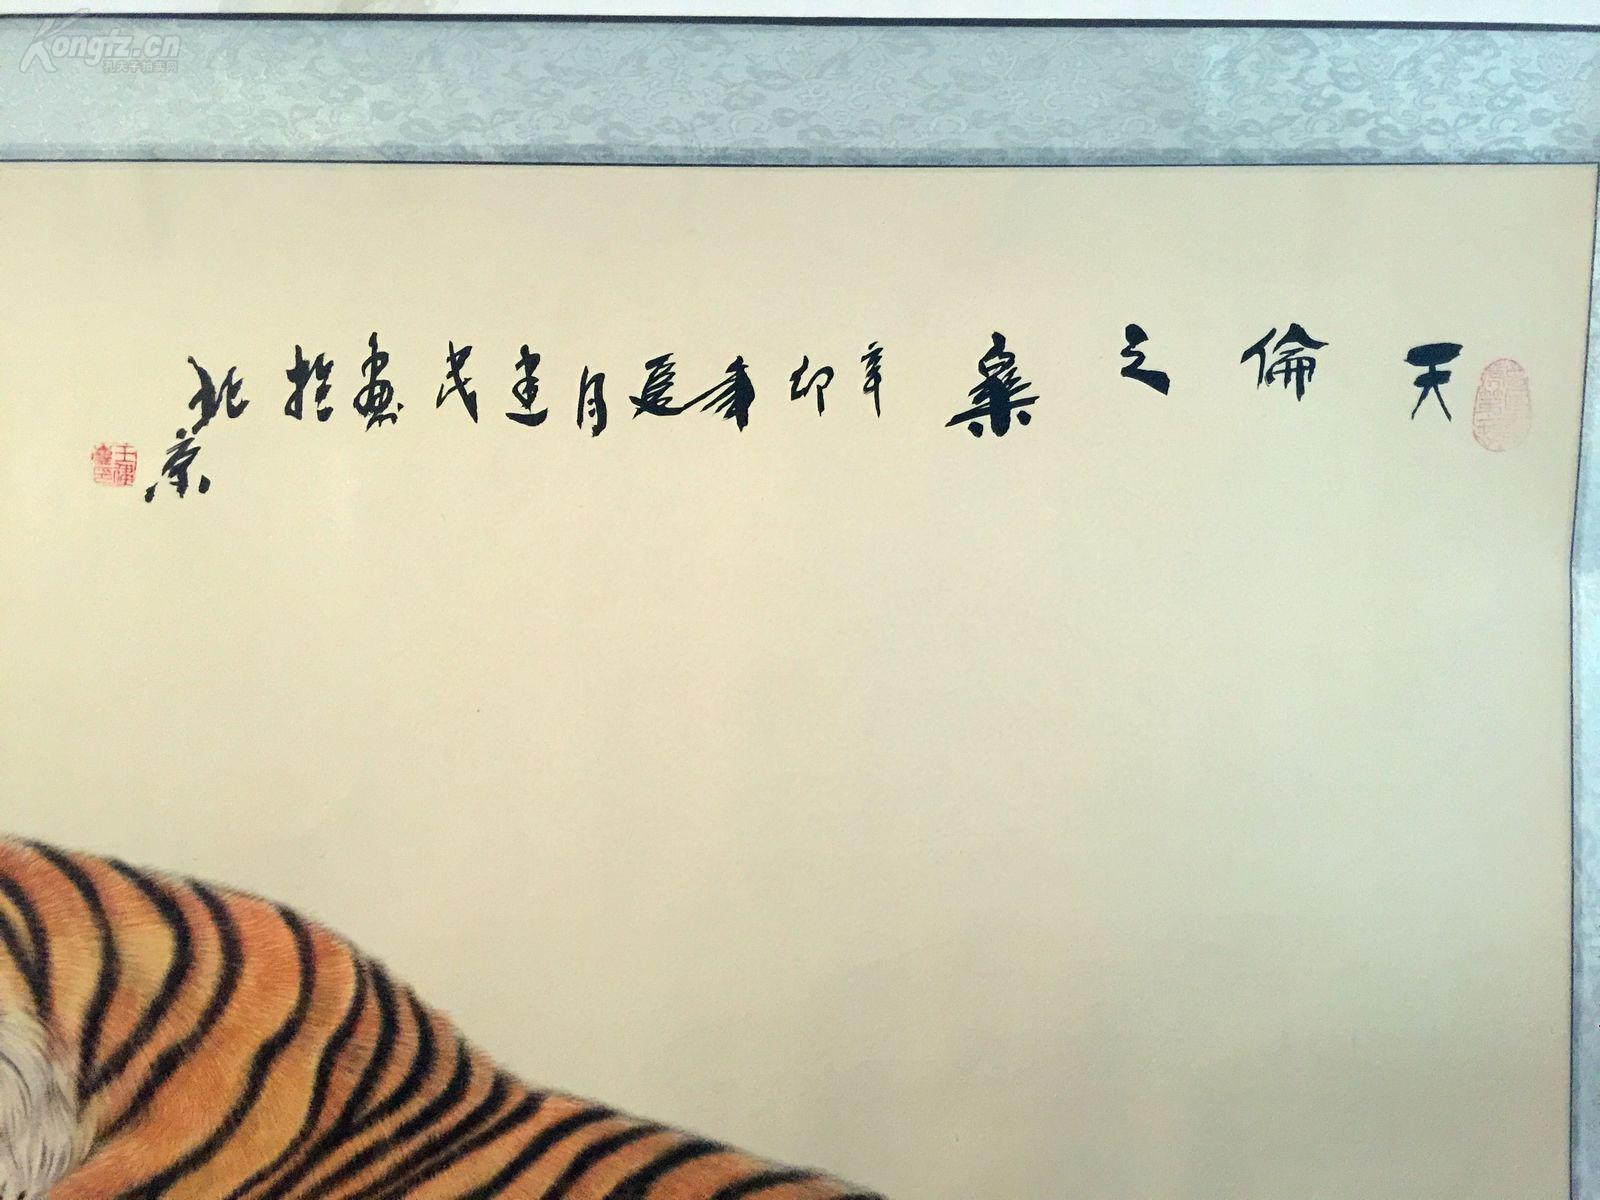 河南画家王建民_中国著名画家虎王王建民王培双。给贺正发。